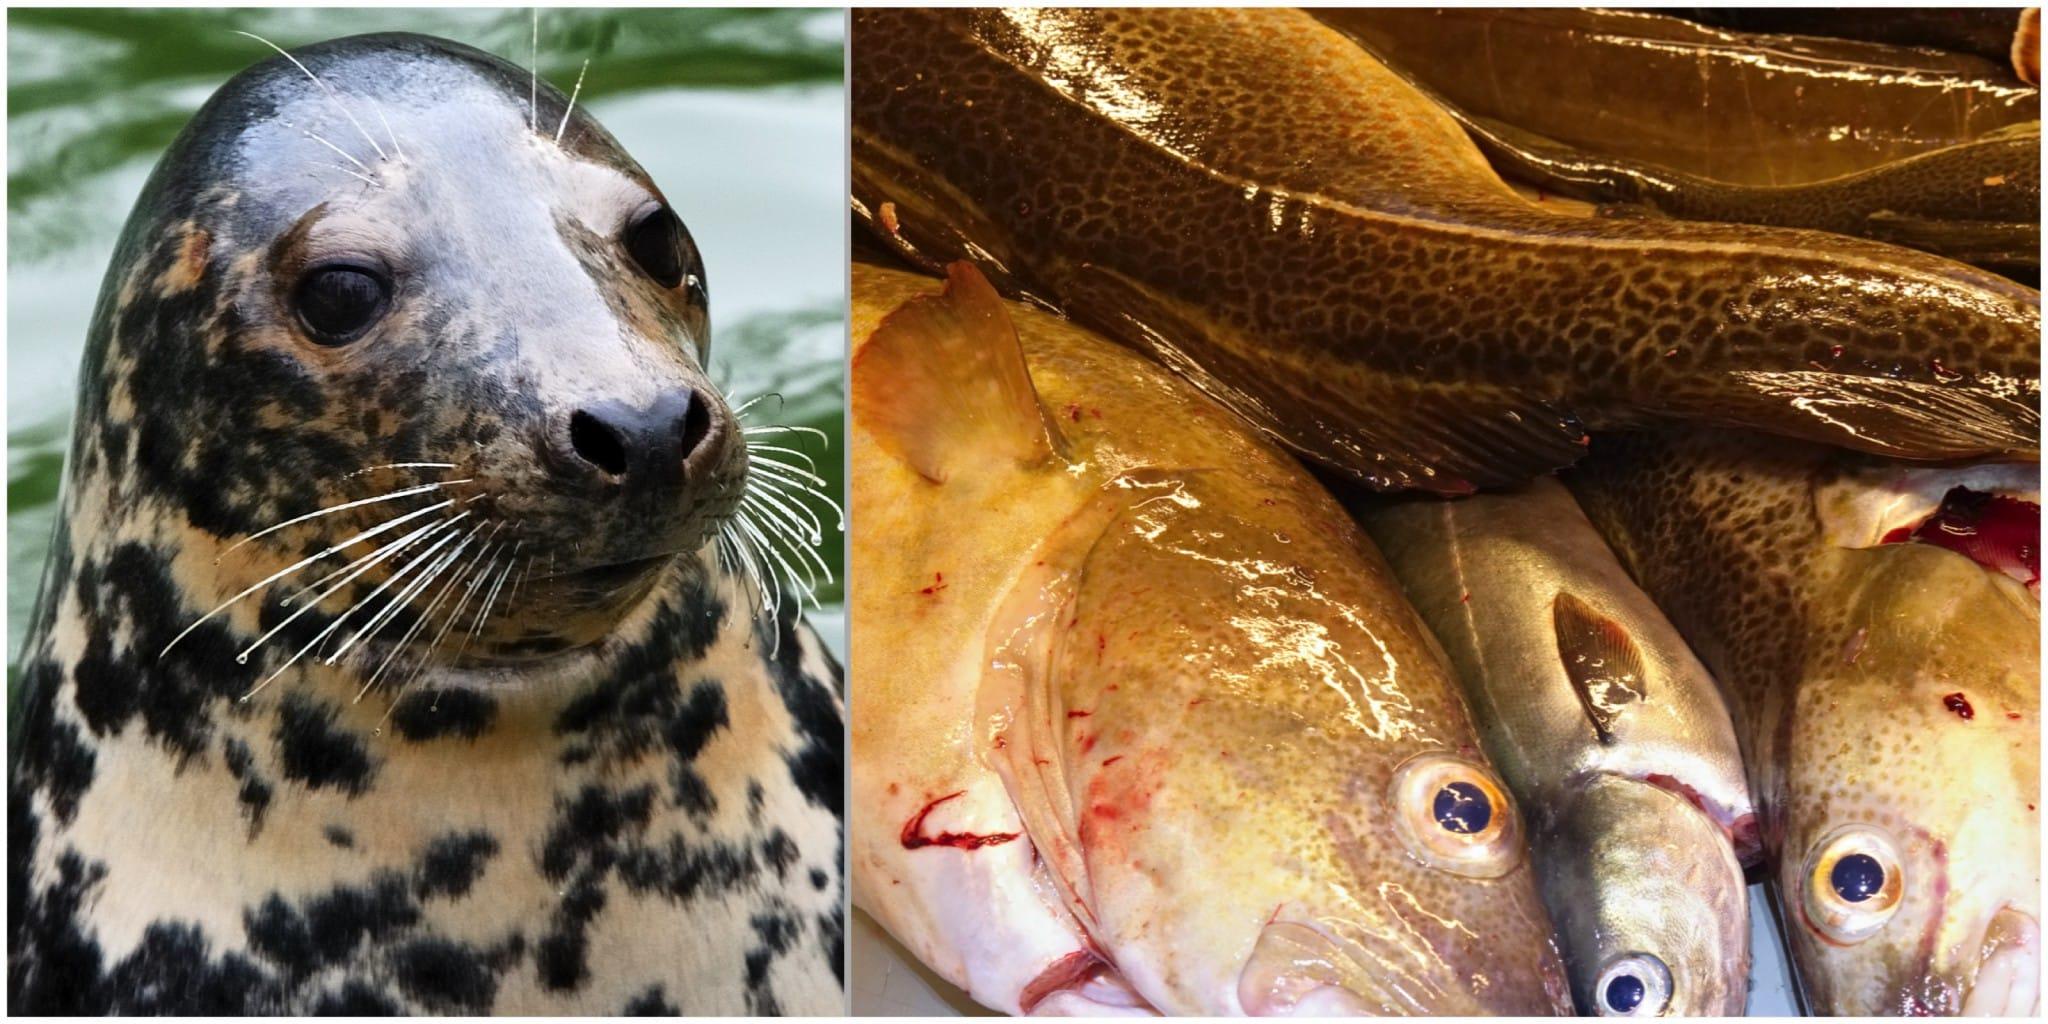 Forskare vid Stockholms universitet anser att miljöförändringar och fiske har reducerat torskpopulationen mer än av vad sälarna gjort. Foto: Mostphotos